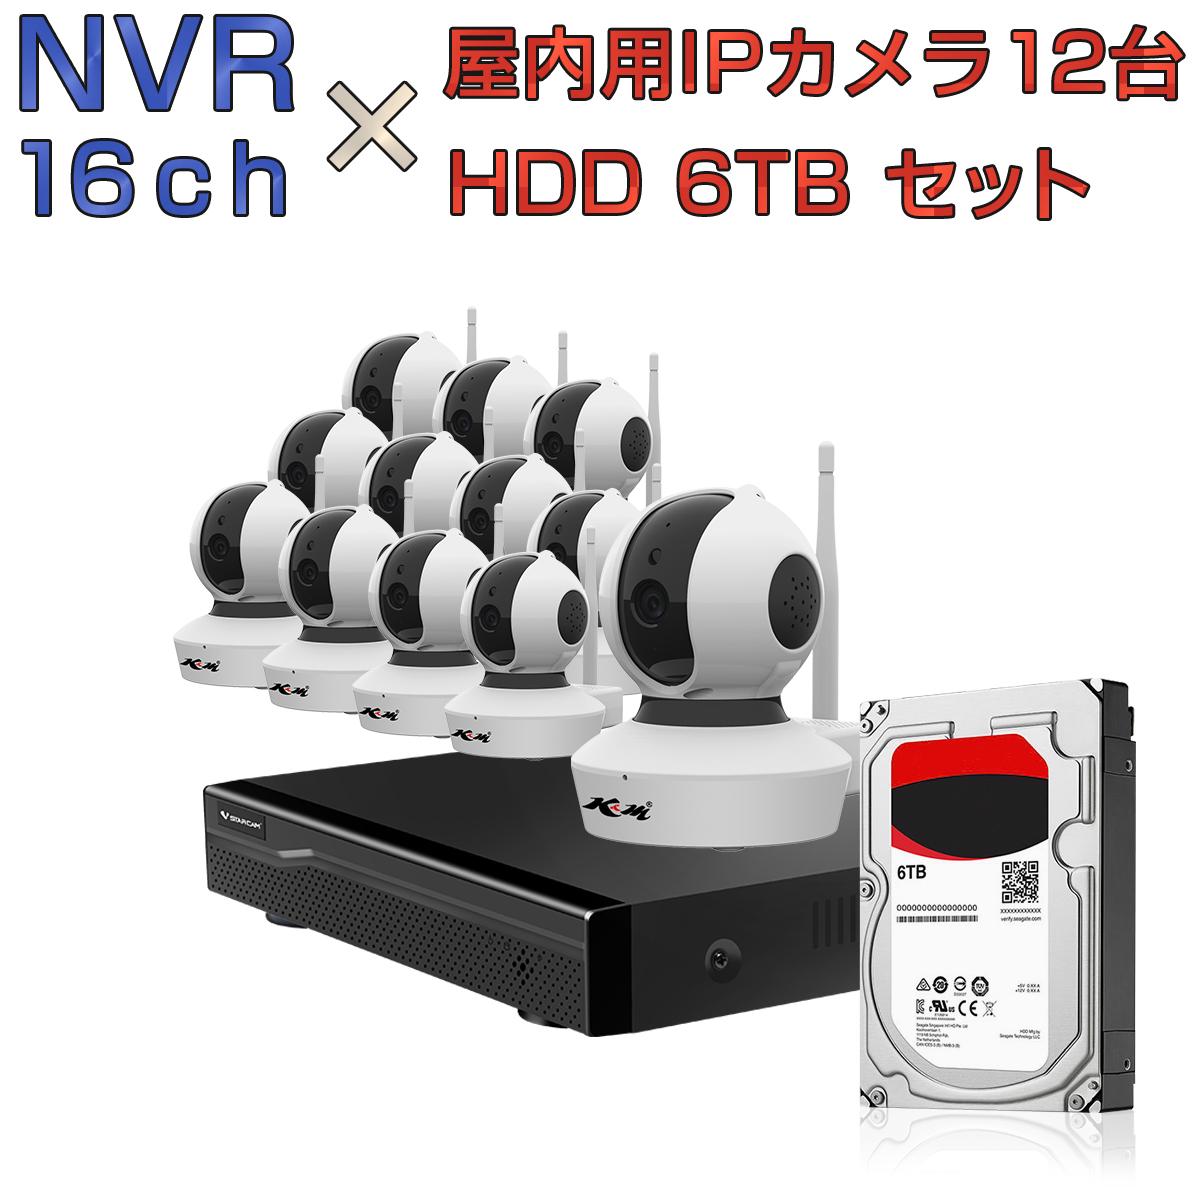 NVR ネットワークビデオレコーダー 16ch HDD6TB内蔵 C23S 2K 1080p 200万画素カメラ 12台セット IP ONVIF形式 スマホ対応 遠隔監視 FHD 動体検知 同時出力 録音対応 H.265+ IPカメラレコーダー監視システム 6ヶ月保証 K&M